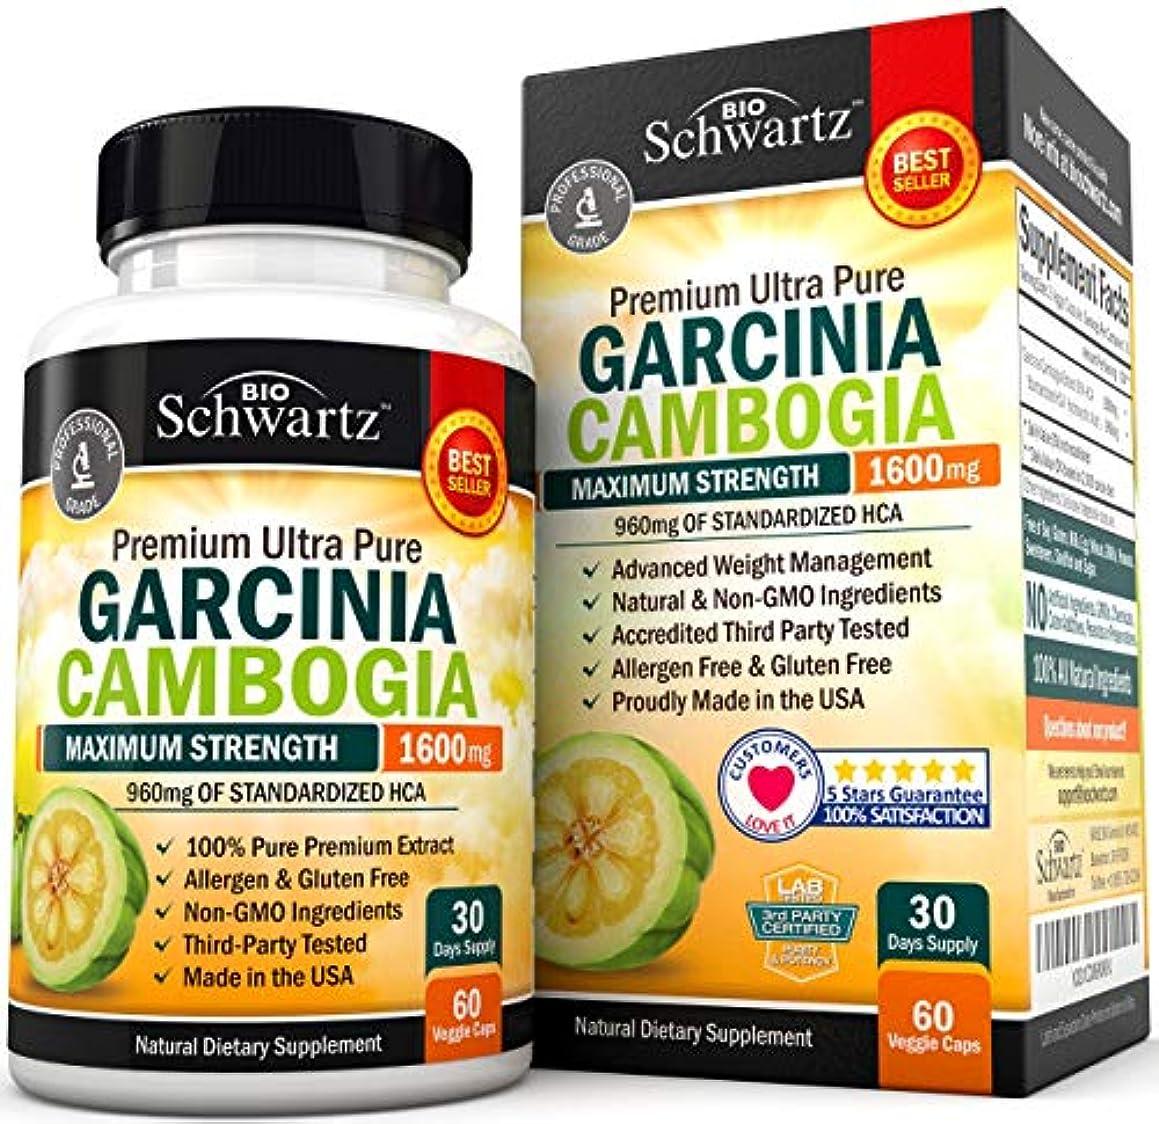 リーク慎重に夕暮れGarcinia Cambogia Pure Extract 1600mg  ガルシニアカンボジア